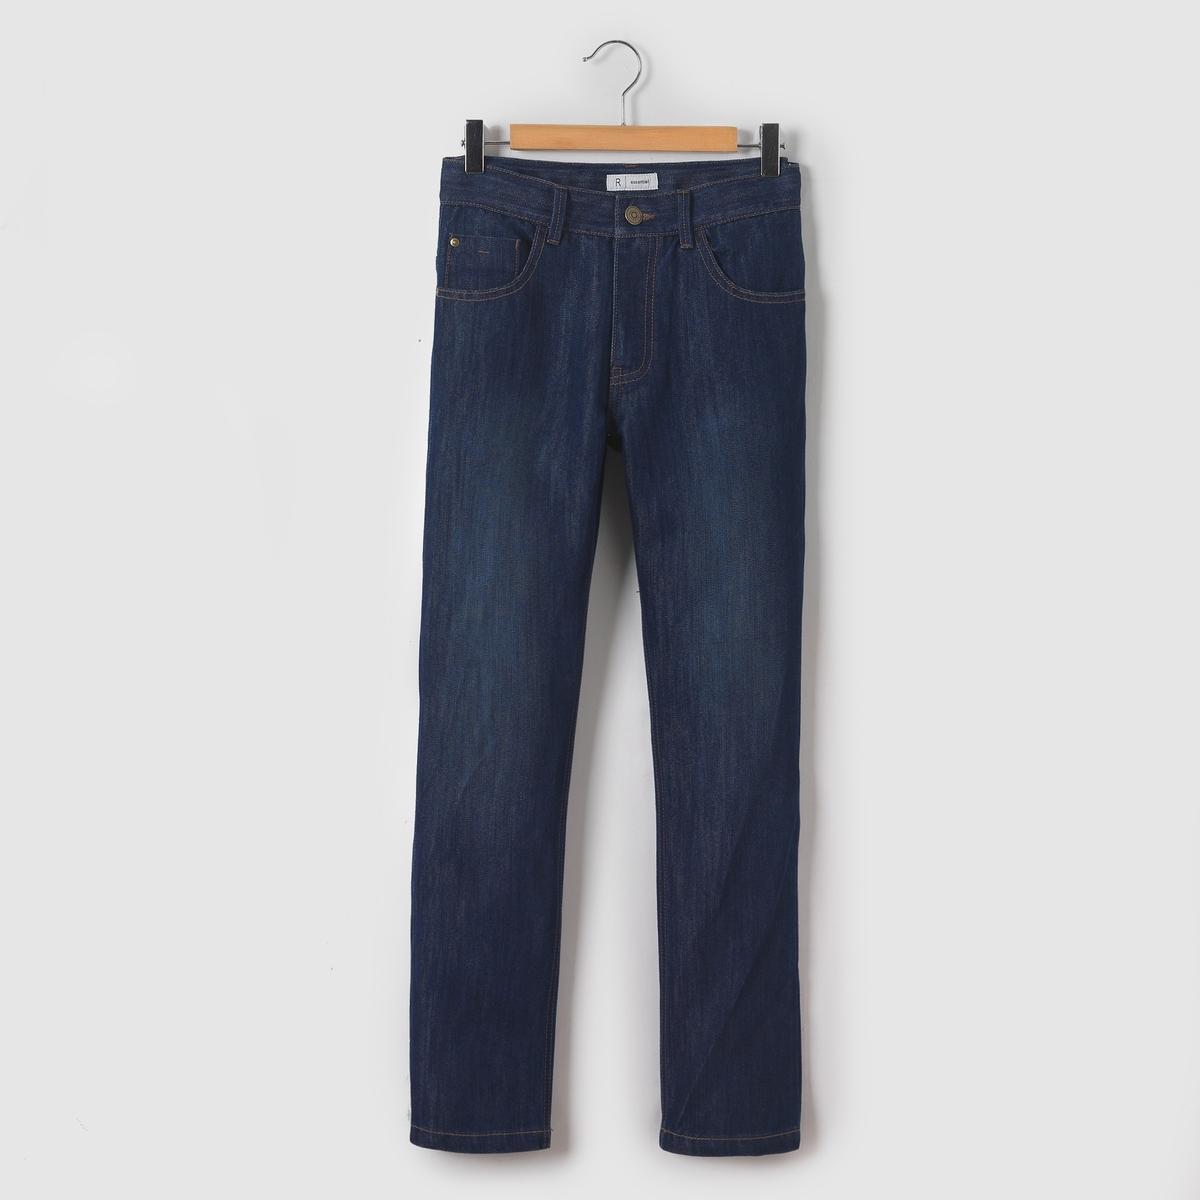 Джинсы широкие, 10-16 летШирокие джинсы с 5 карманами из денима. Пояс регулируется внутренней резинкой на пуговице. Застежка на молнию и пуговицу. Состав и описаниеМатериал       деним 58% хлопка, 42% полиэстераМарка       R essentielУходСтирать и гладить с изнаночной стороныМашинная стирка при 30 °С в умеренном режиме с вещами схожих цветовМашинная сушка в обычном режимеГладить при умеренной температуре<br><br>Цвет: синий потертый<br>Размер: 14 лет.16 лет